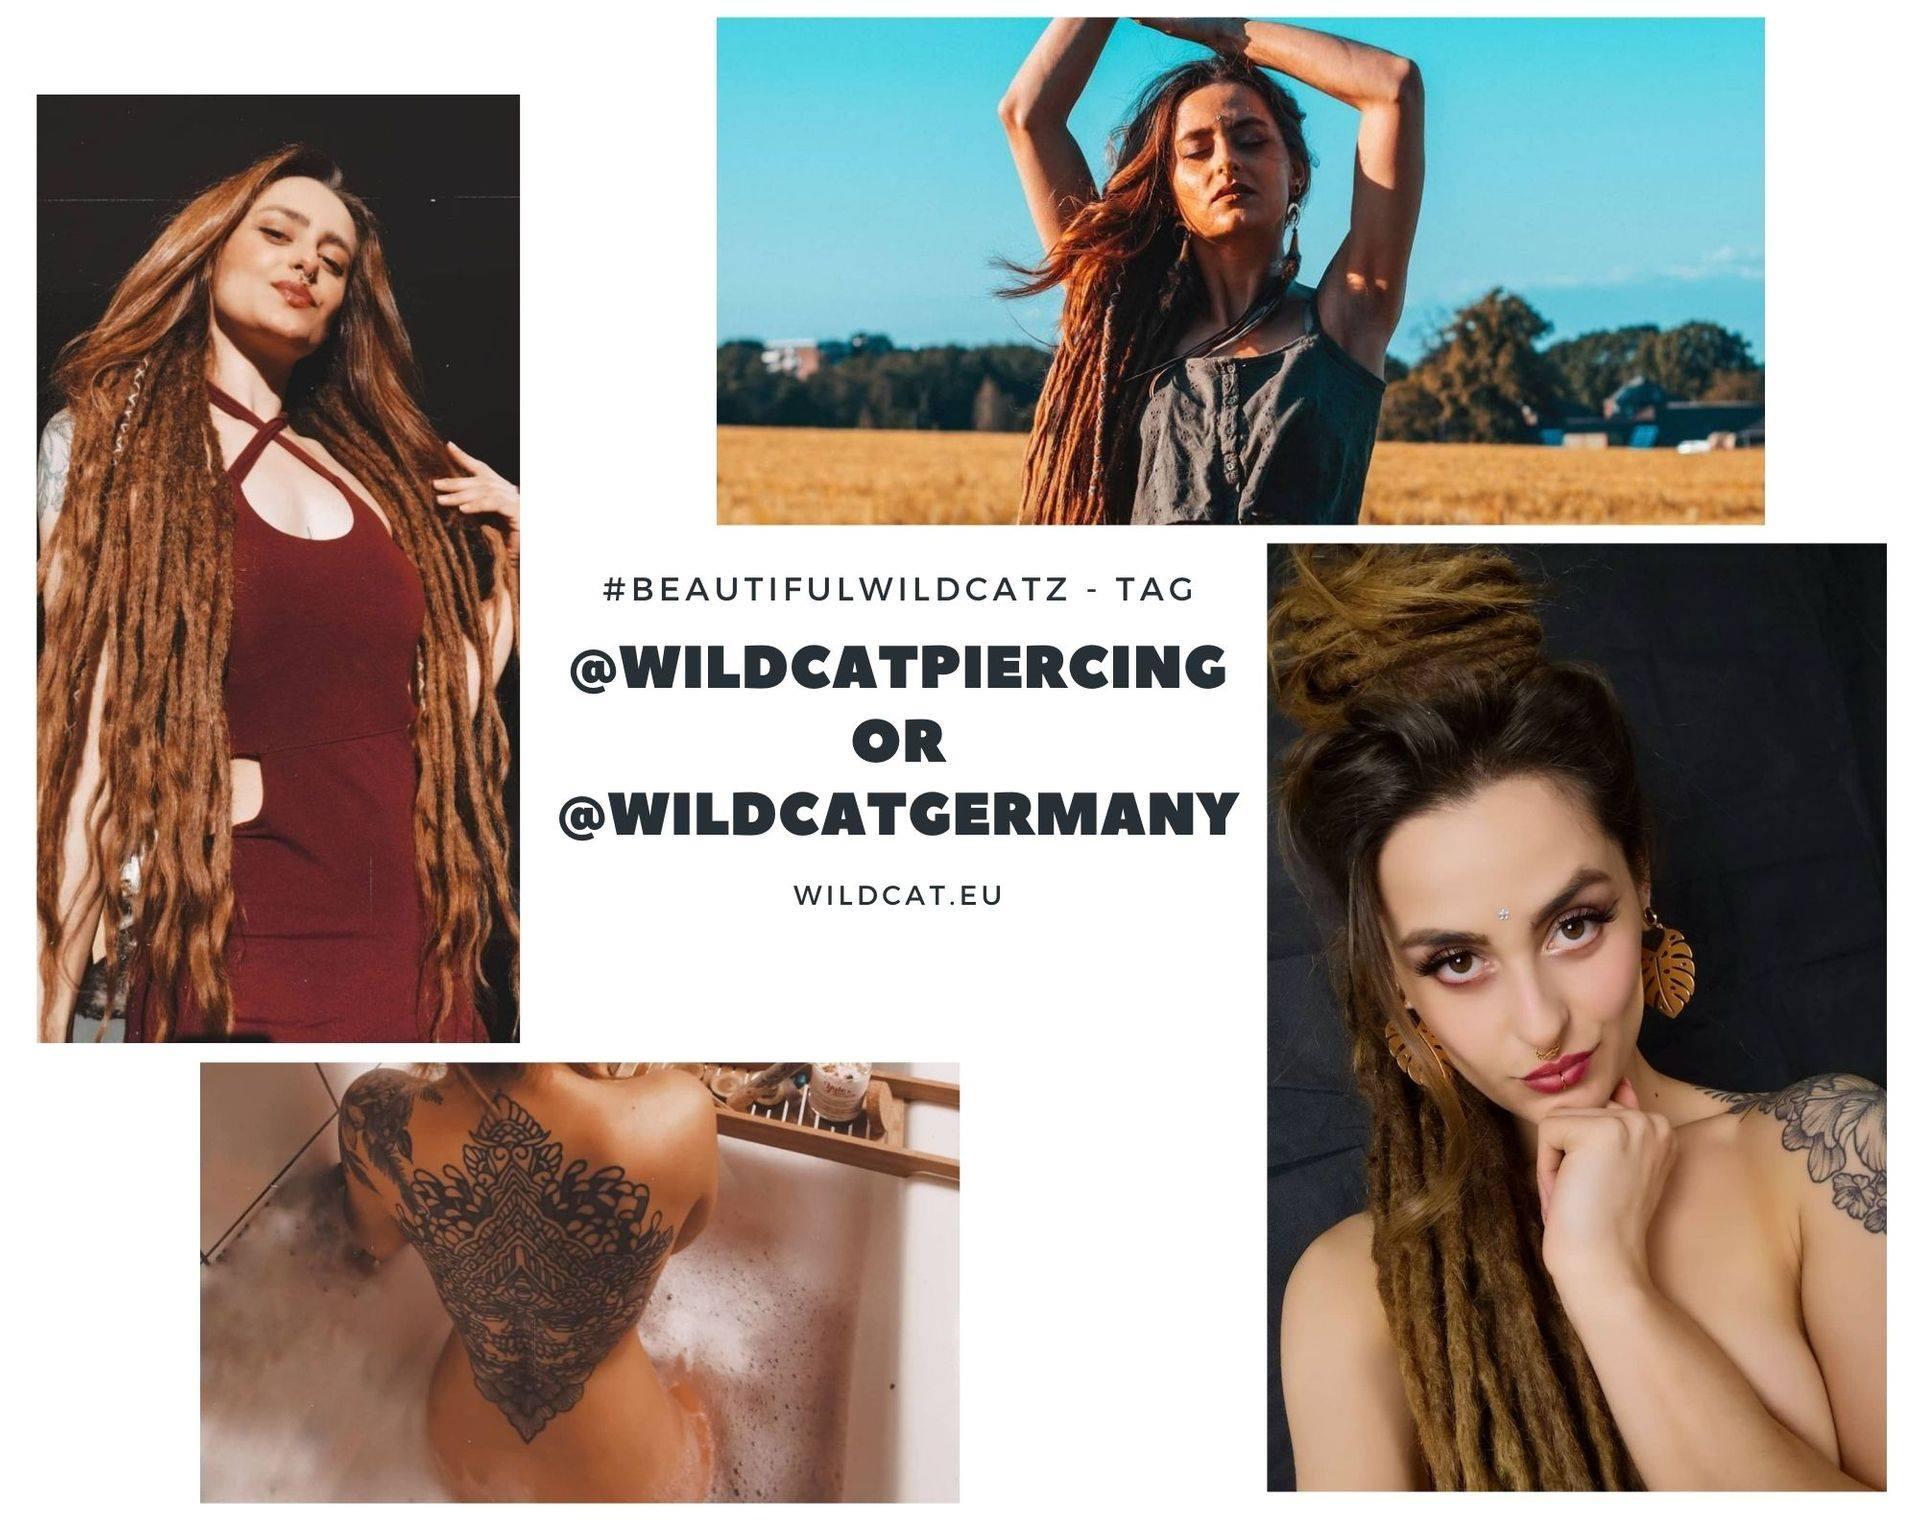 Habt ihr Schmuck von Wildcat? Dann taggt @Wildcatpiercing oder @wildcatgermany i